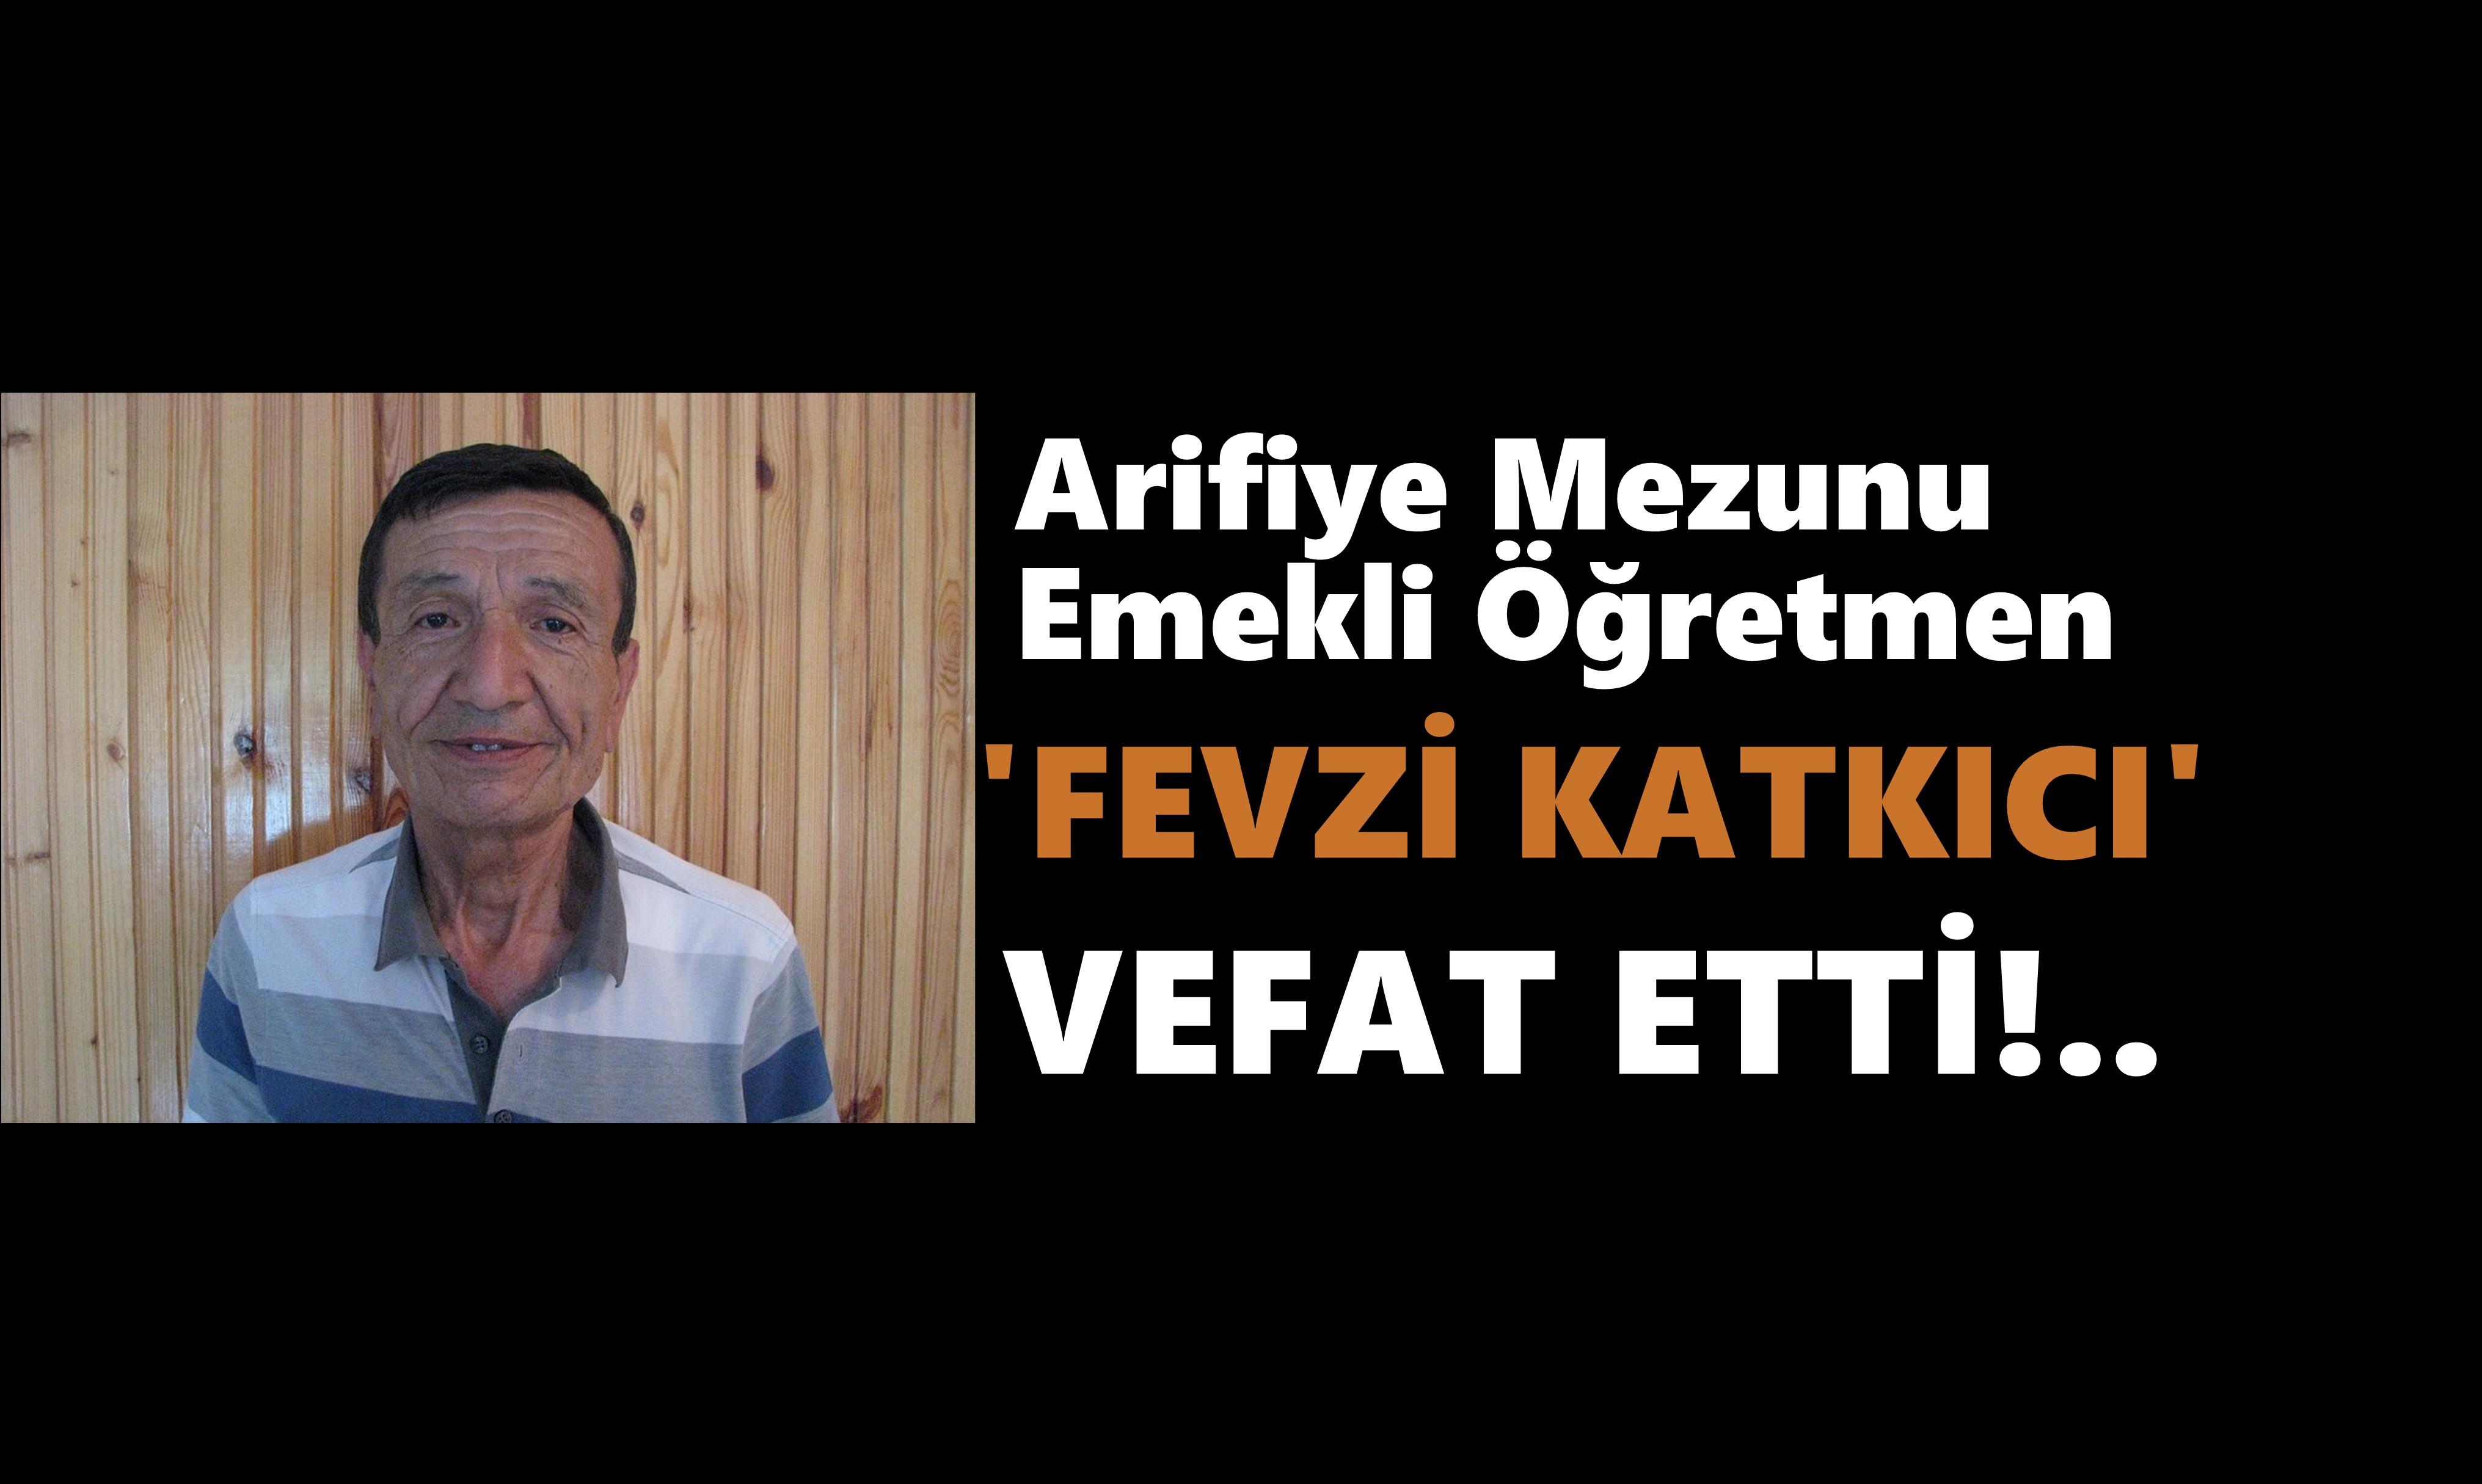 KATKICI AİLESİNİN ACI GÜNÜ!..